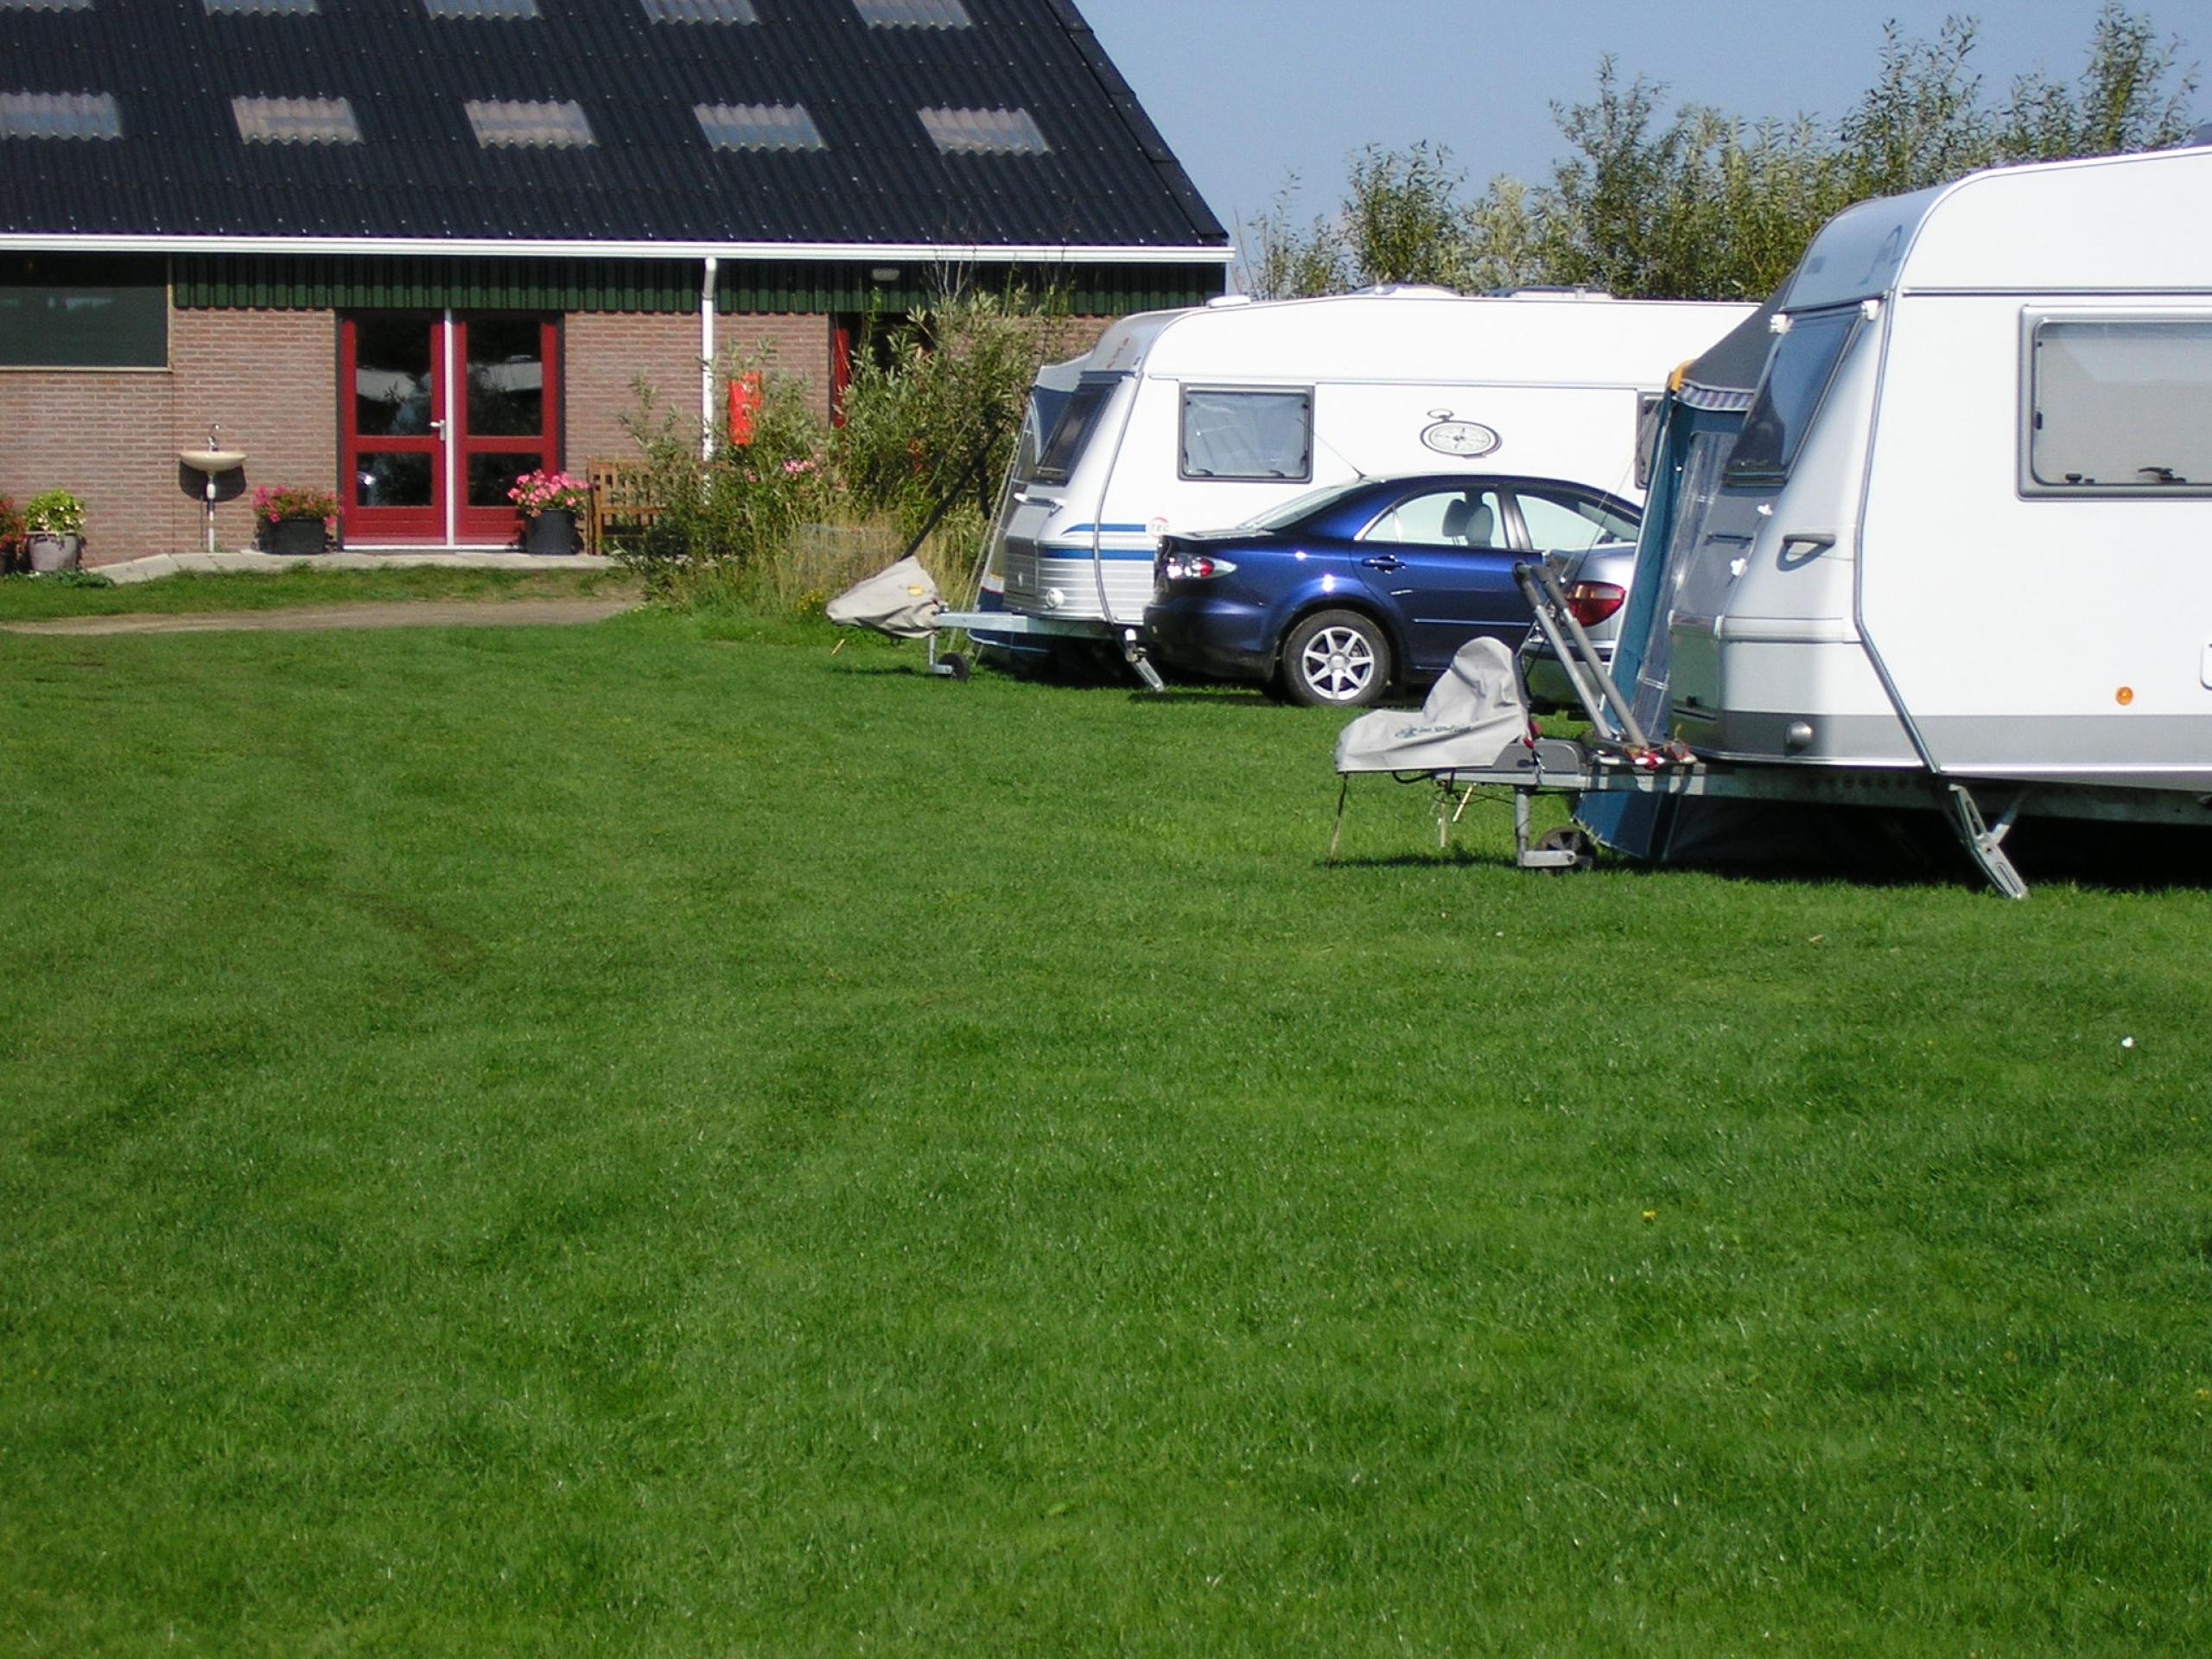 Campen zwischen Kühen und Schafen auf Camping in De Koog